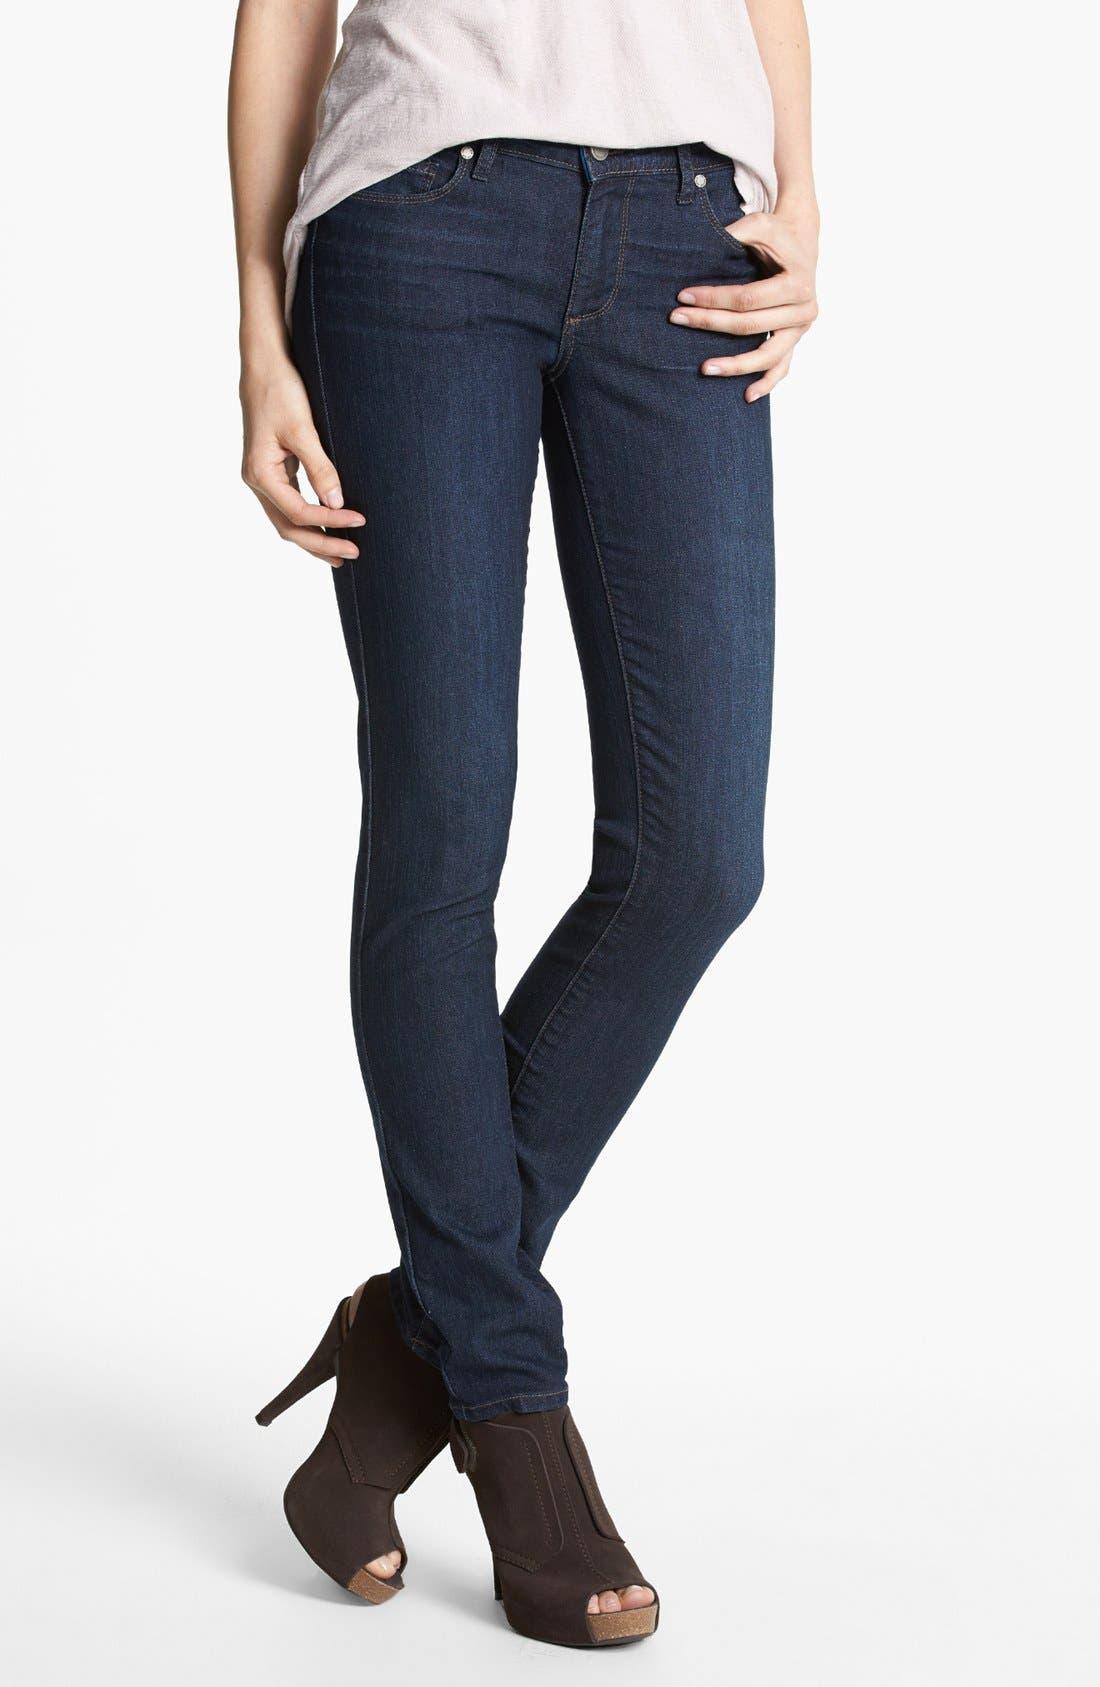 Main Image - Paige Denim 'Skyline' Skinny Jeans (Jenna)